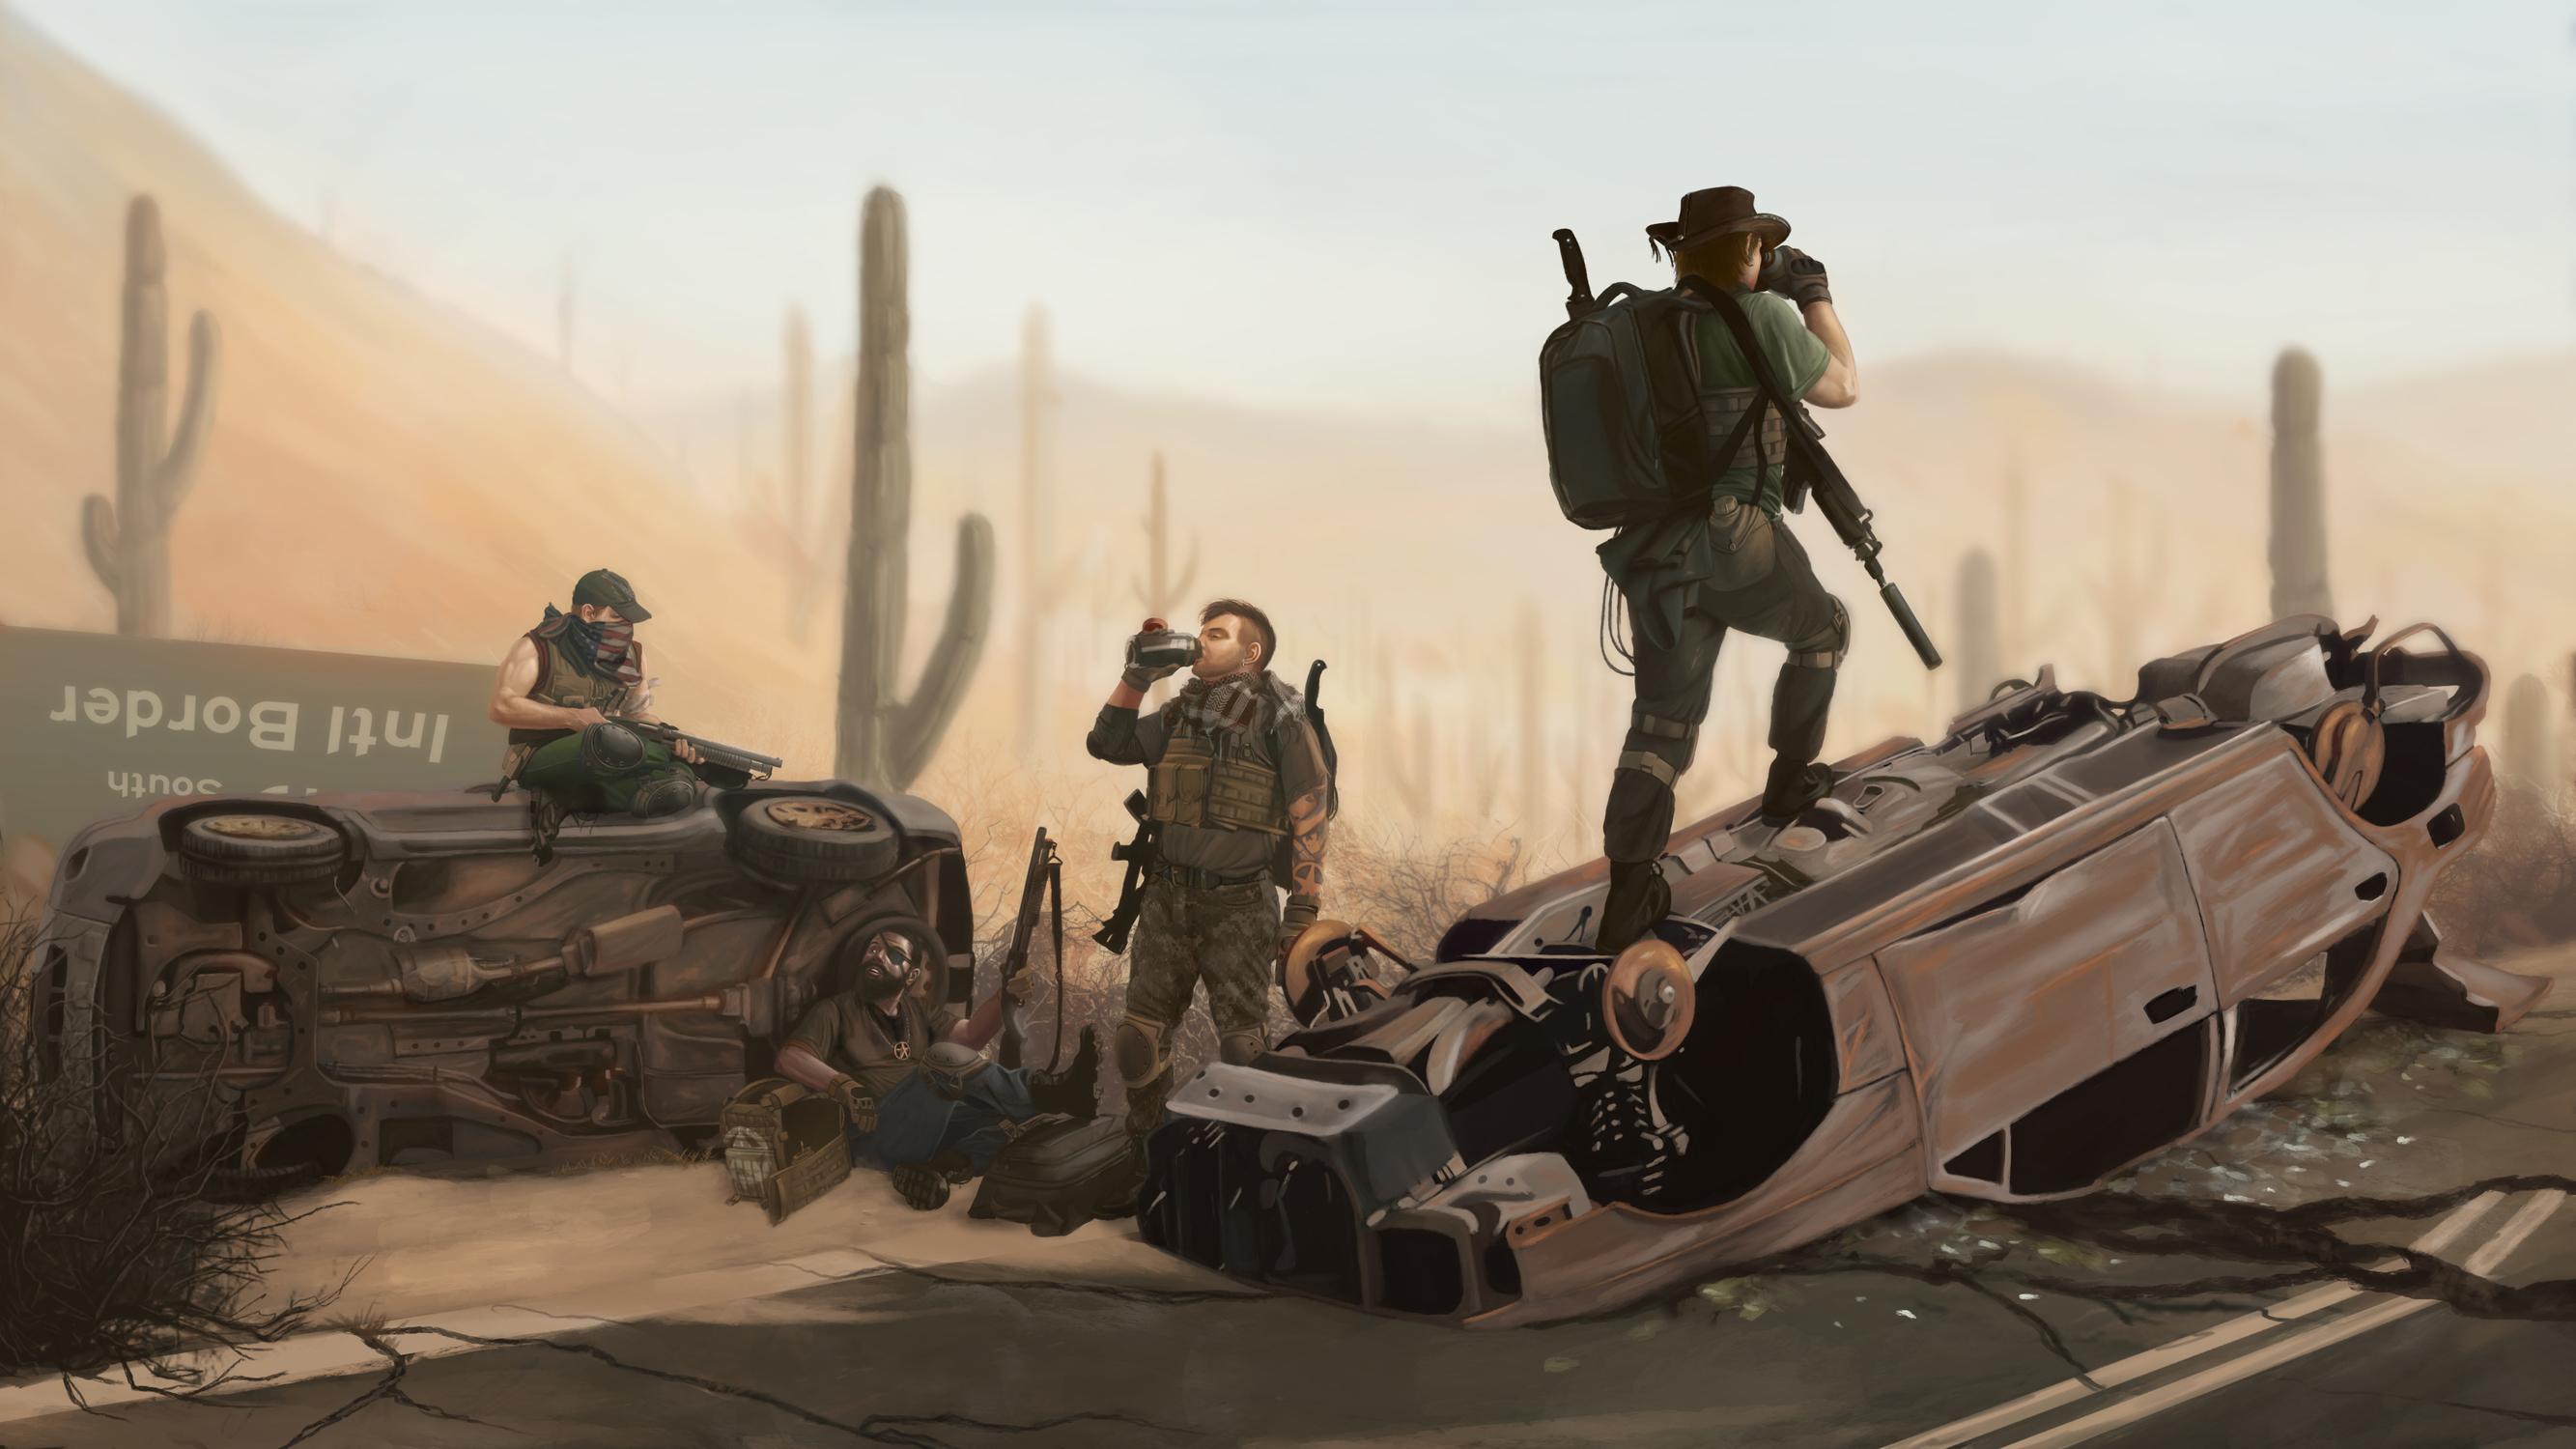 Wasteland Artwork by Matthew McEntire